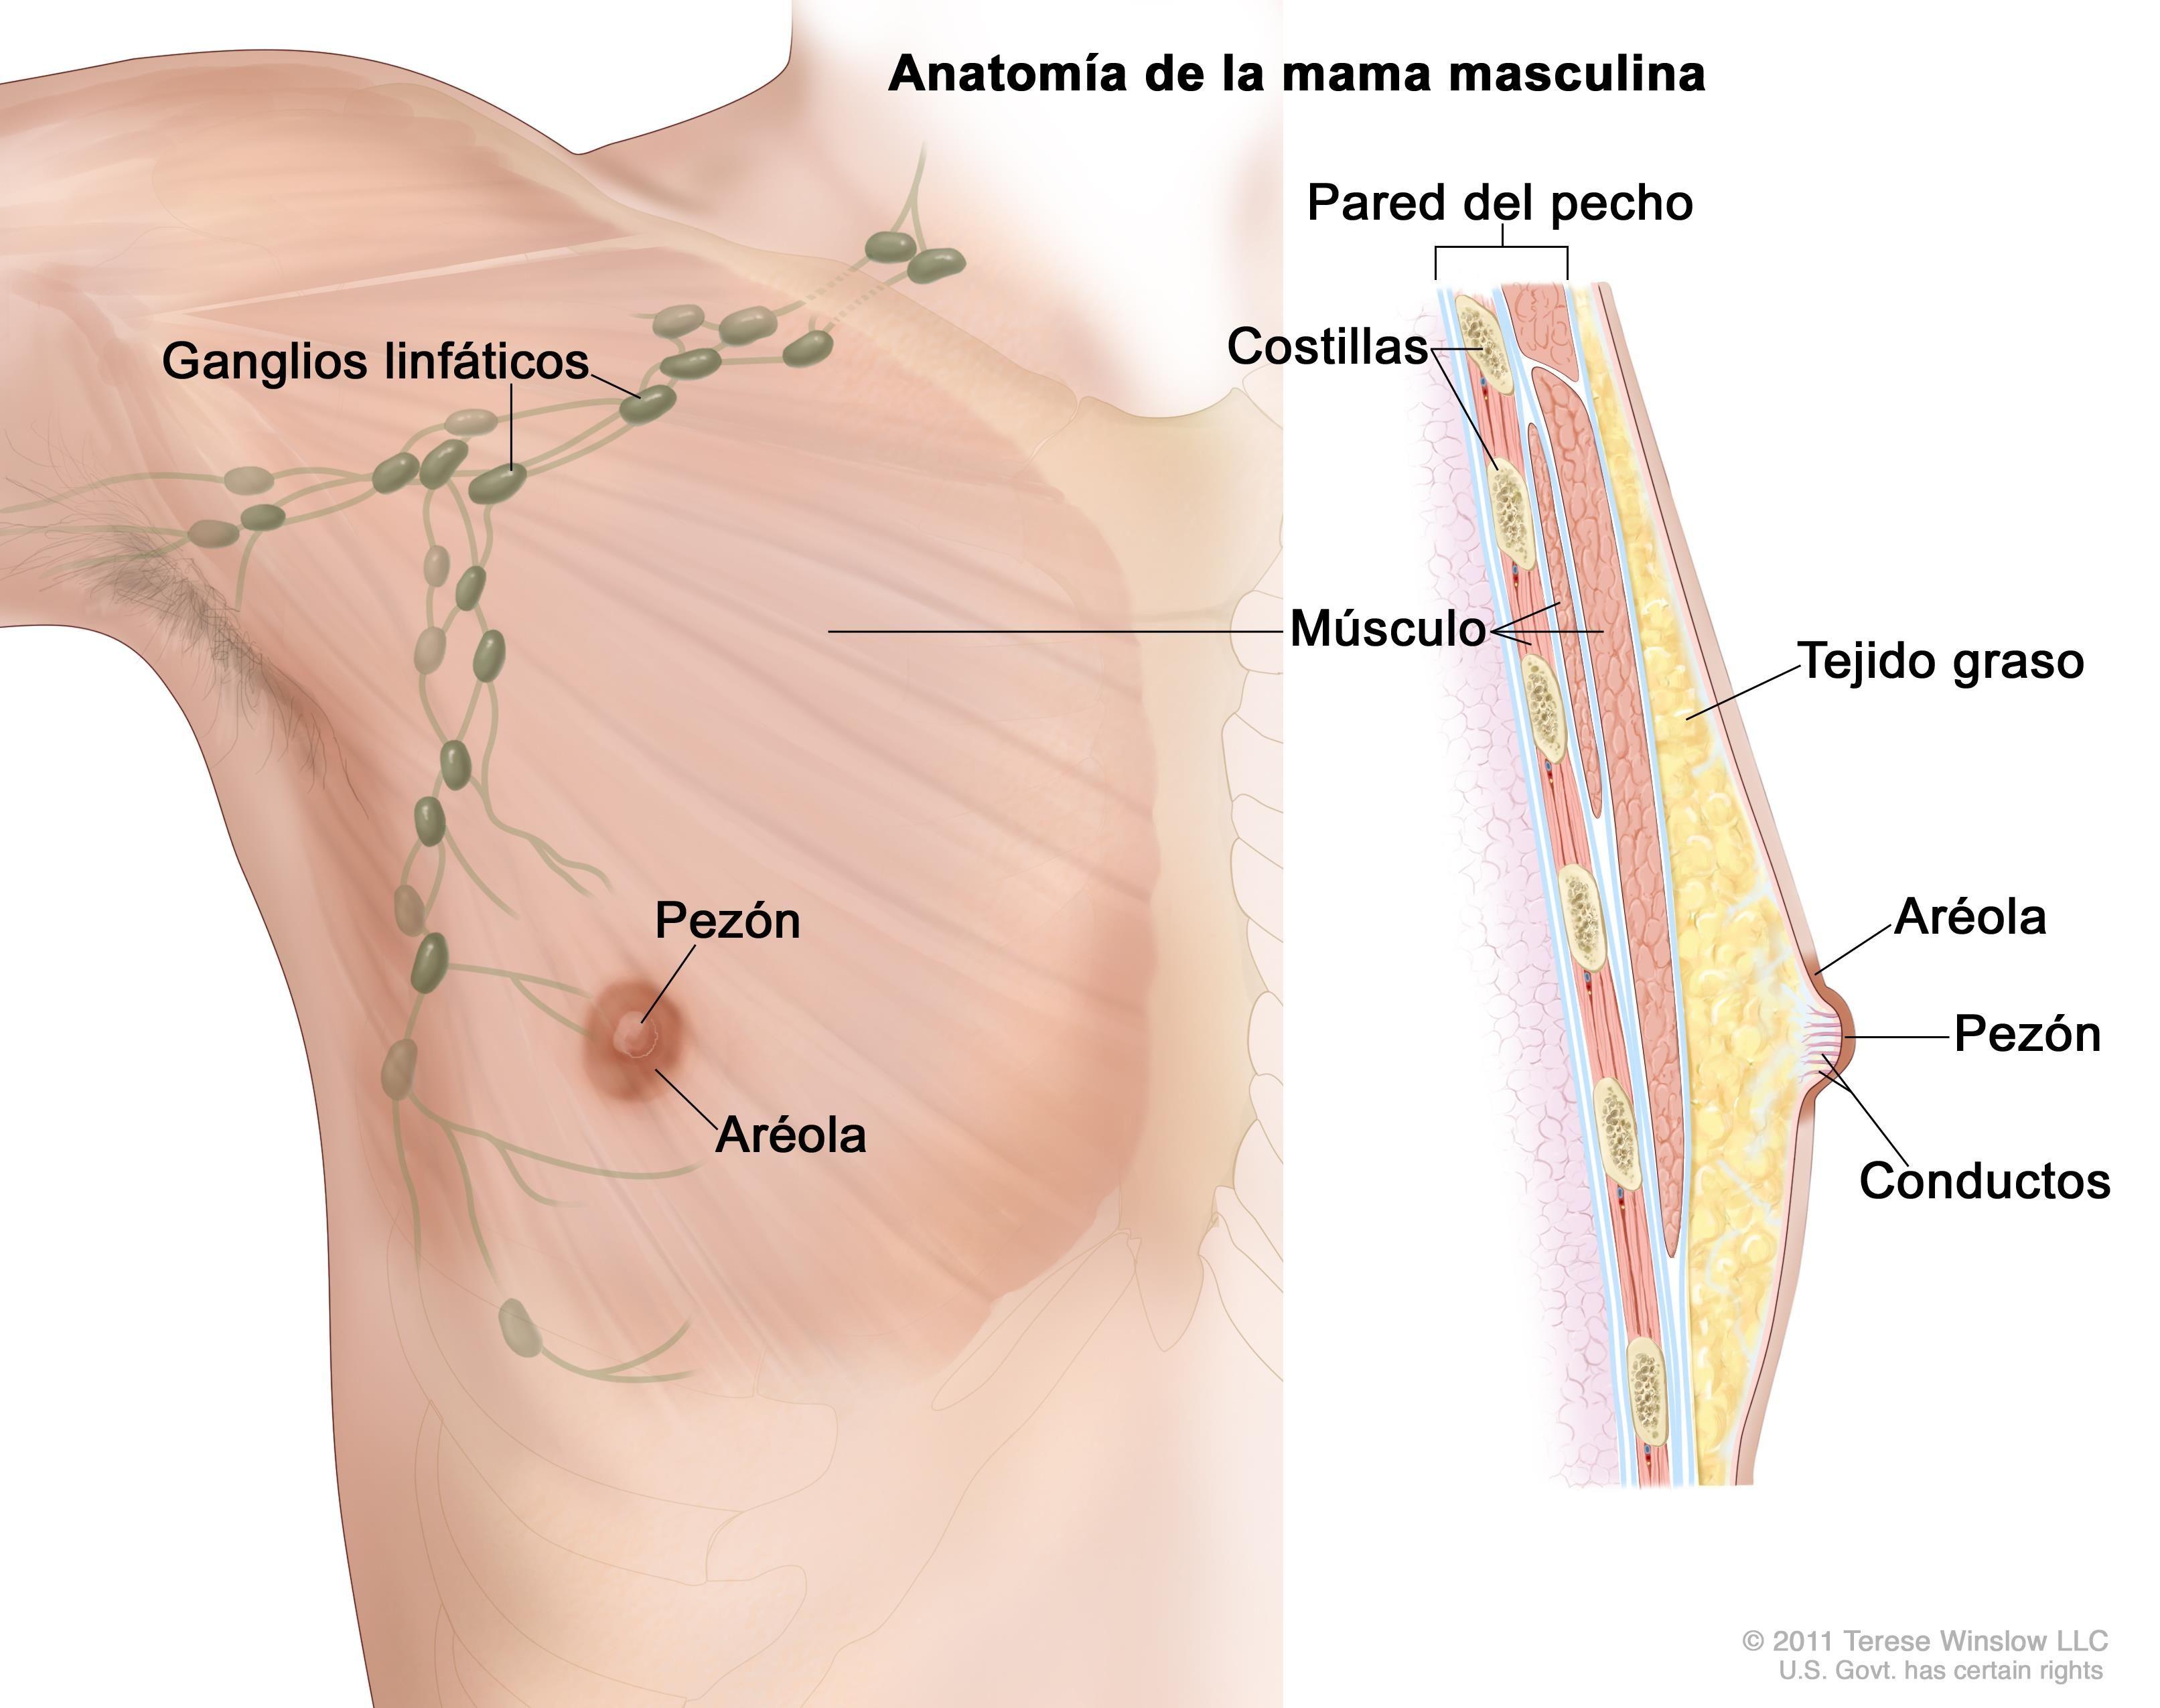 Anatomía de la mama masculina | Mama masculina | Pinterest